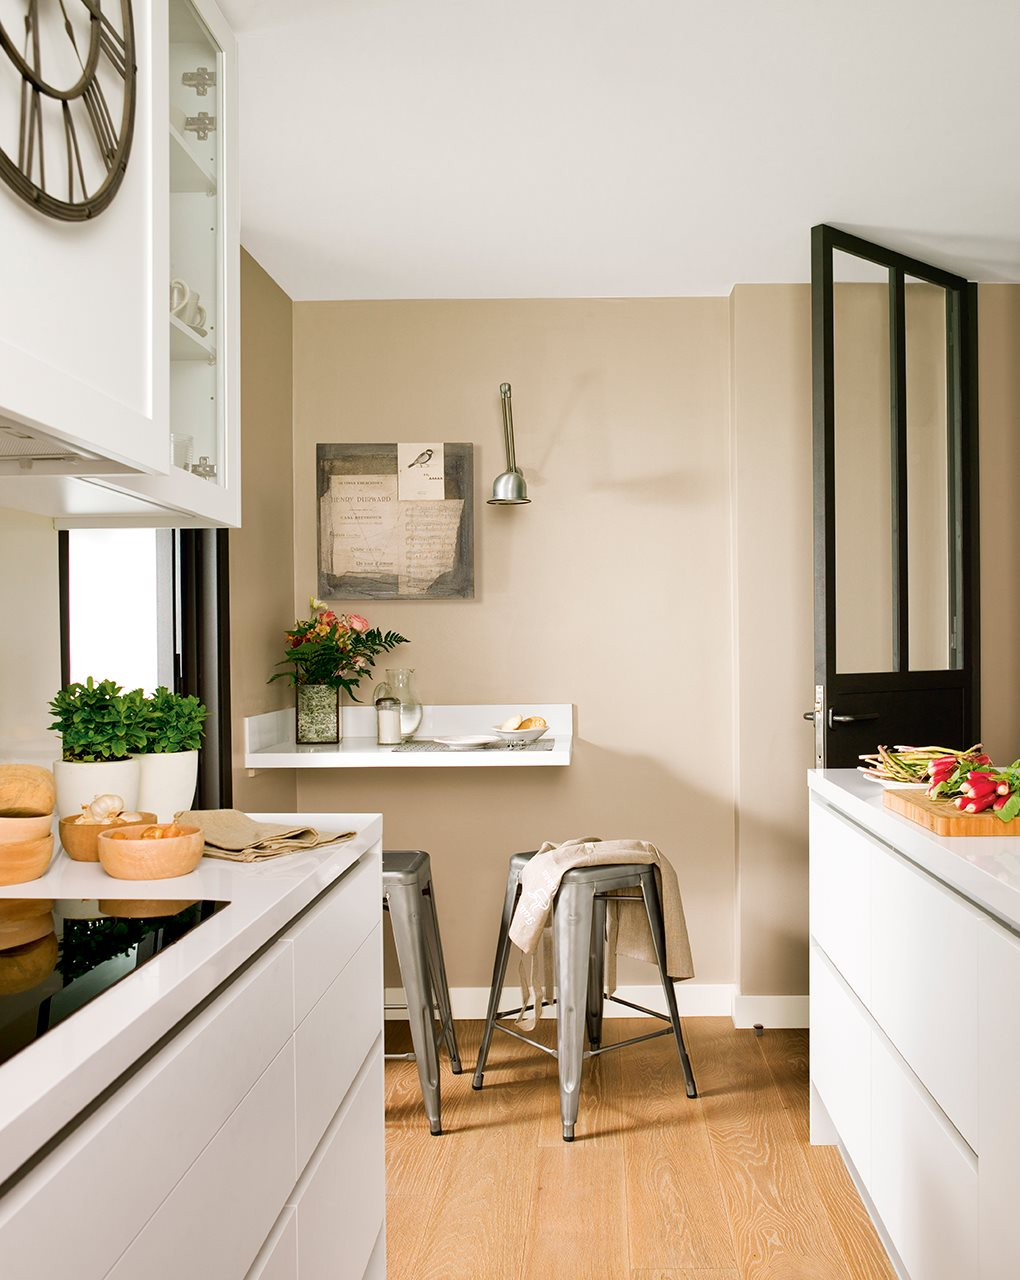 C mo reformar un piso oscuro y alargado para ganar luz y comodidad - Pared cocina pintada ...